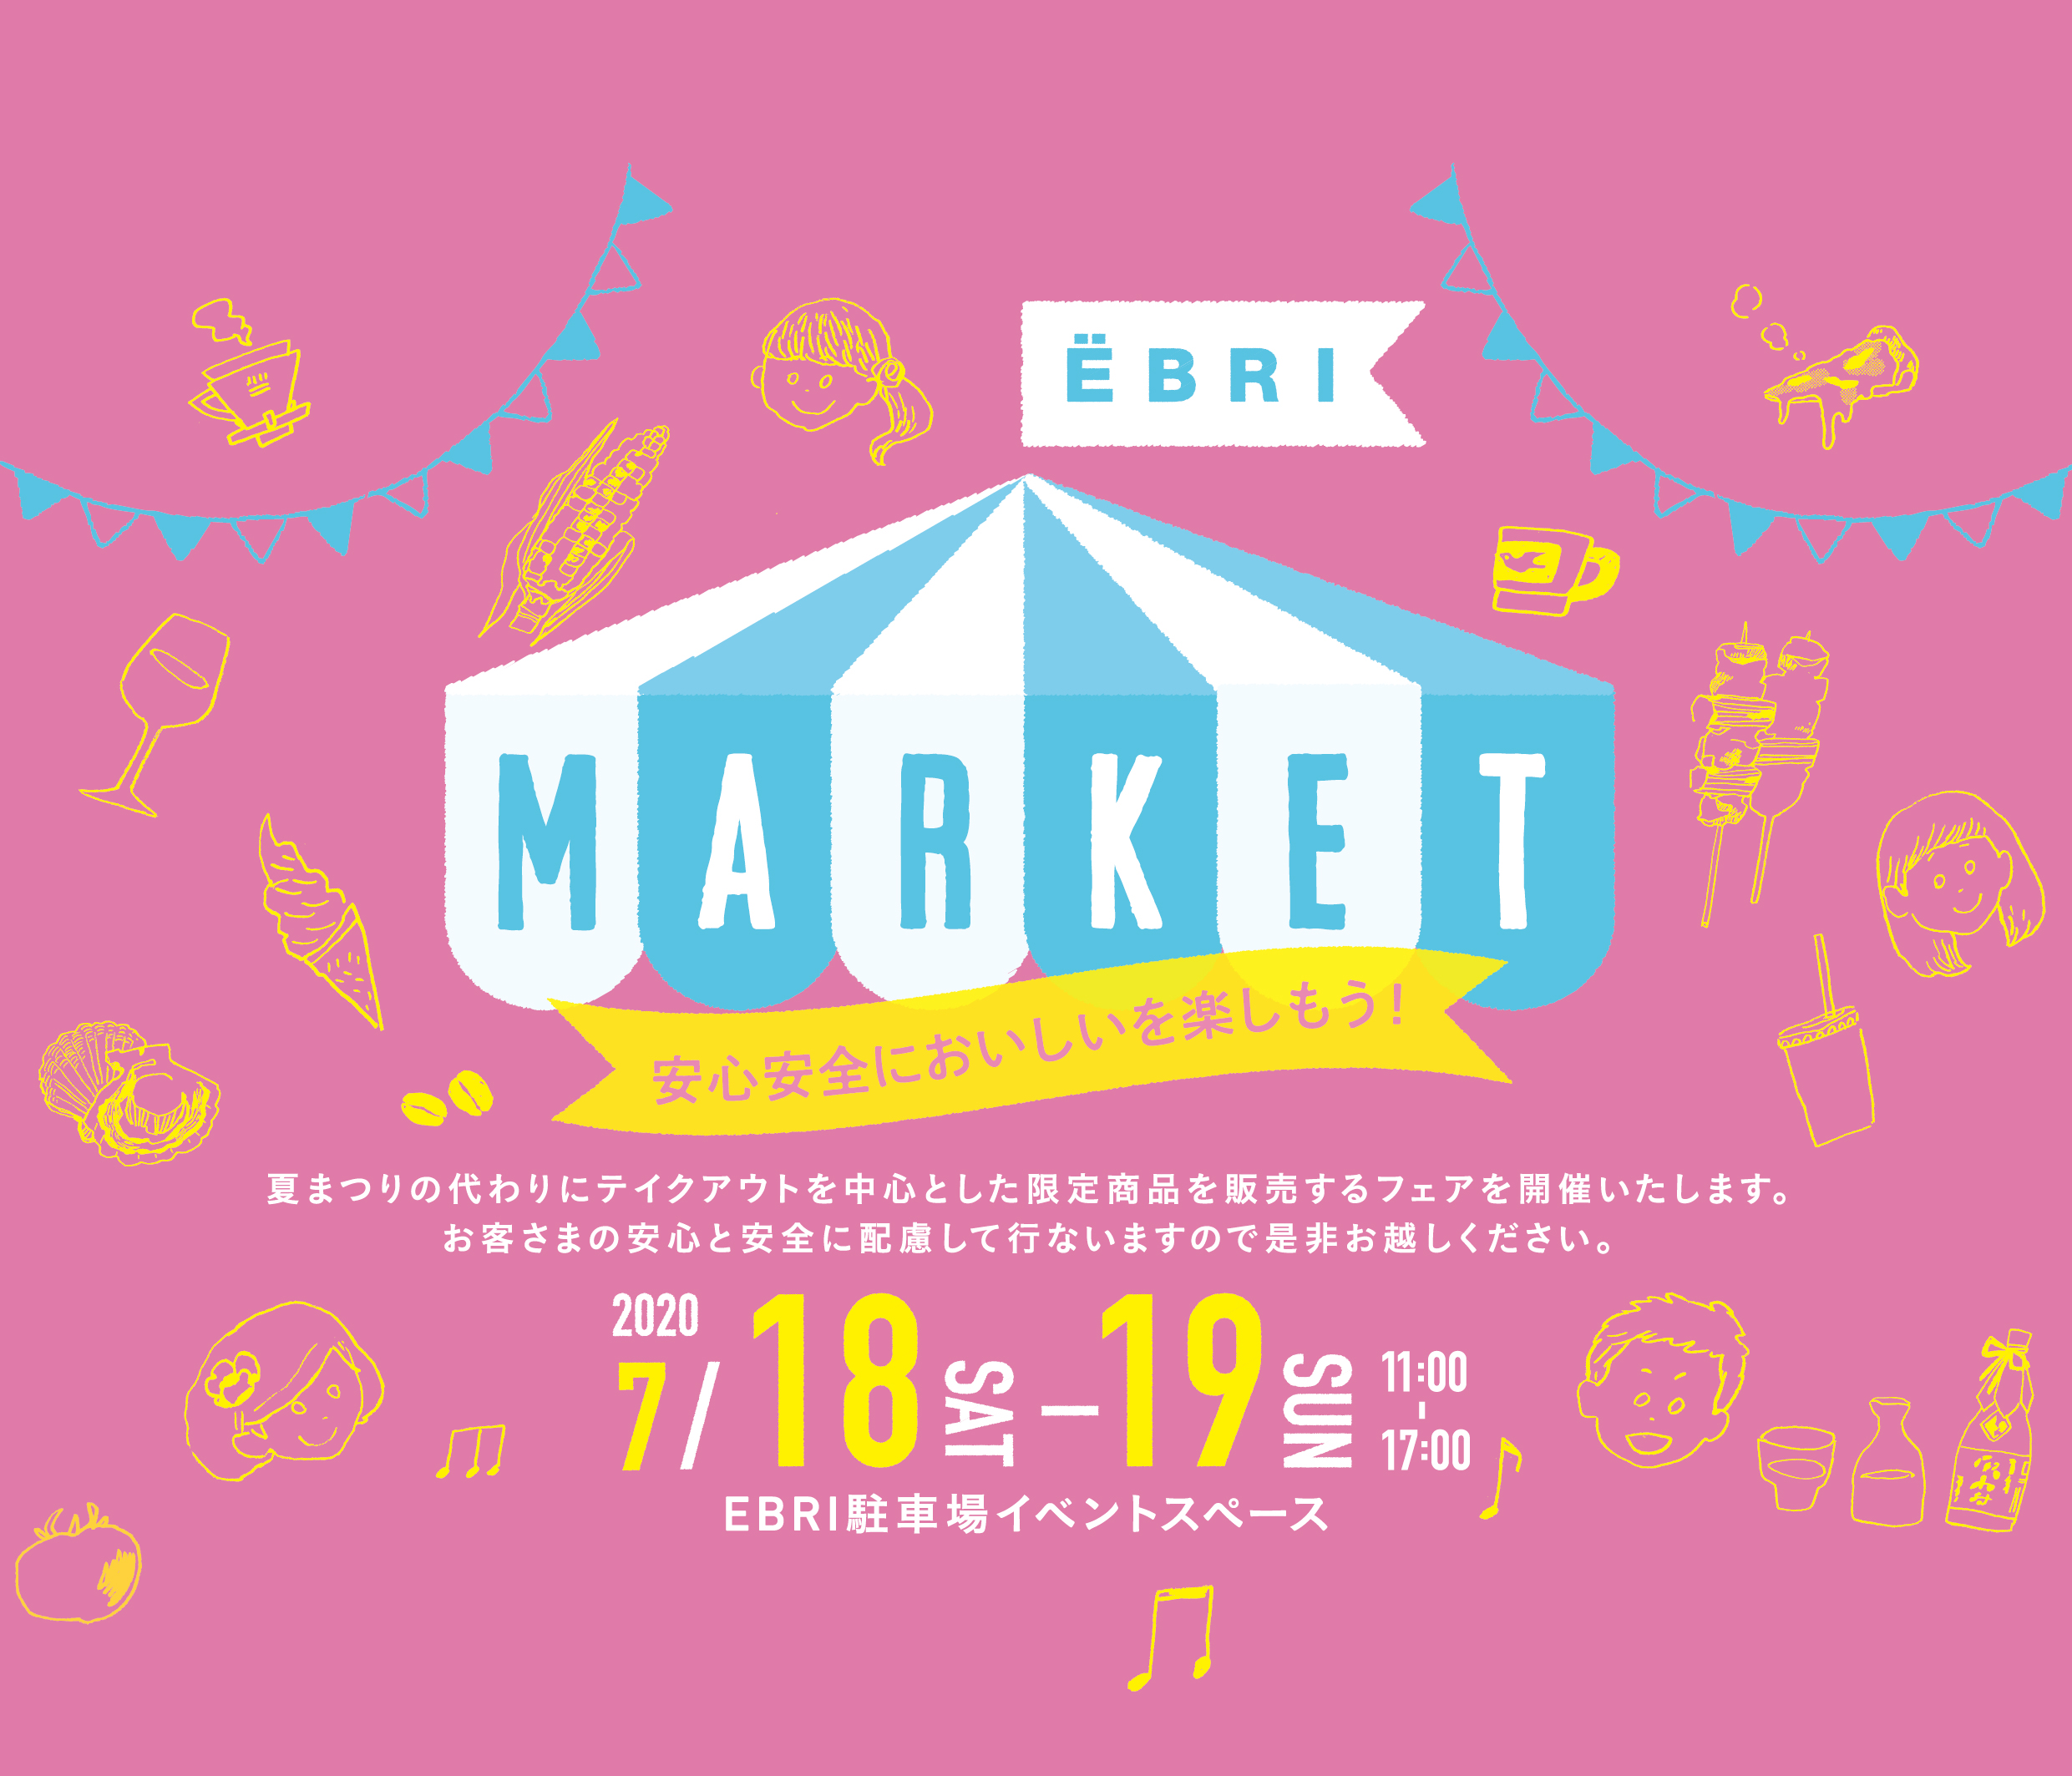 EBRI MARKET【7/13追加出店情報】